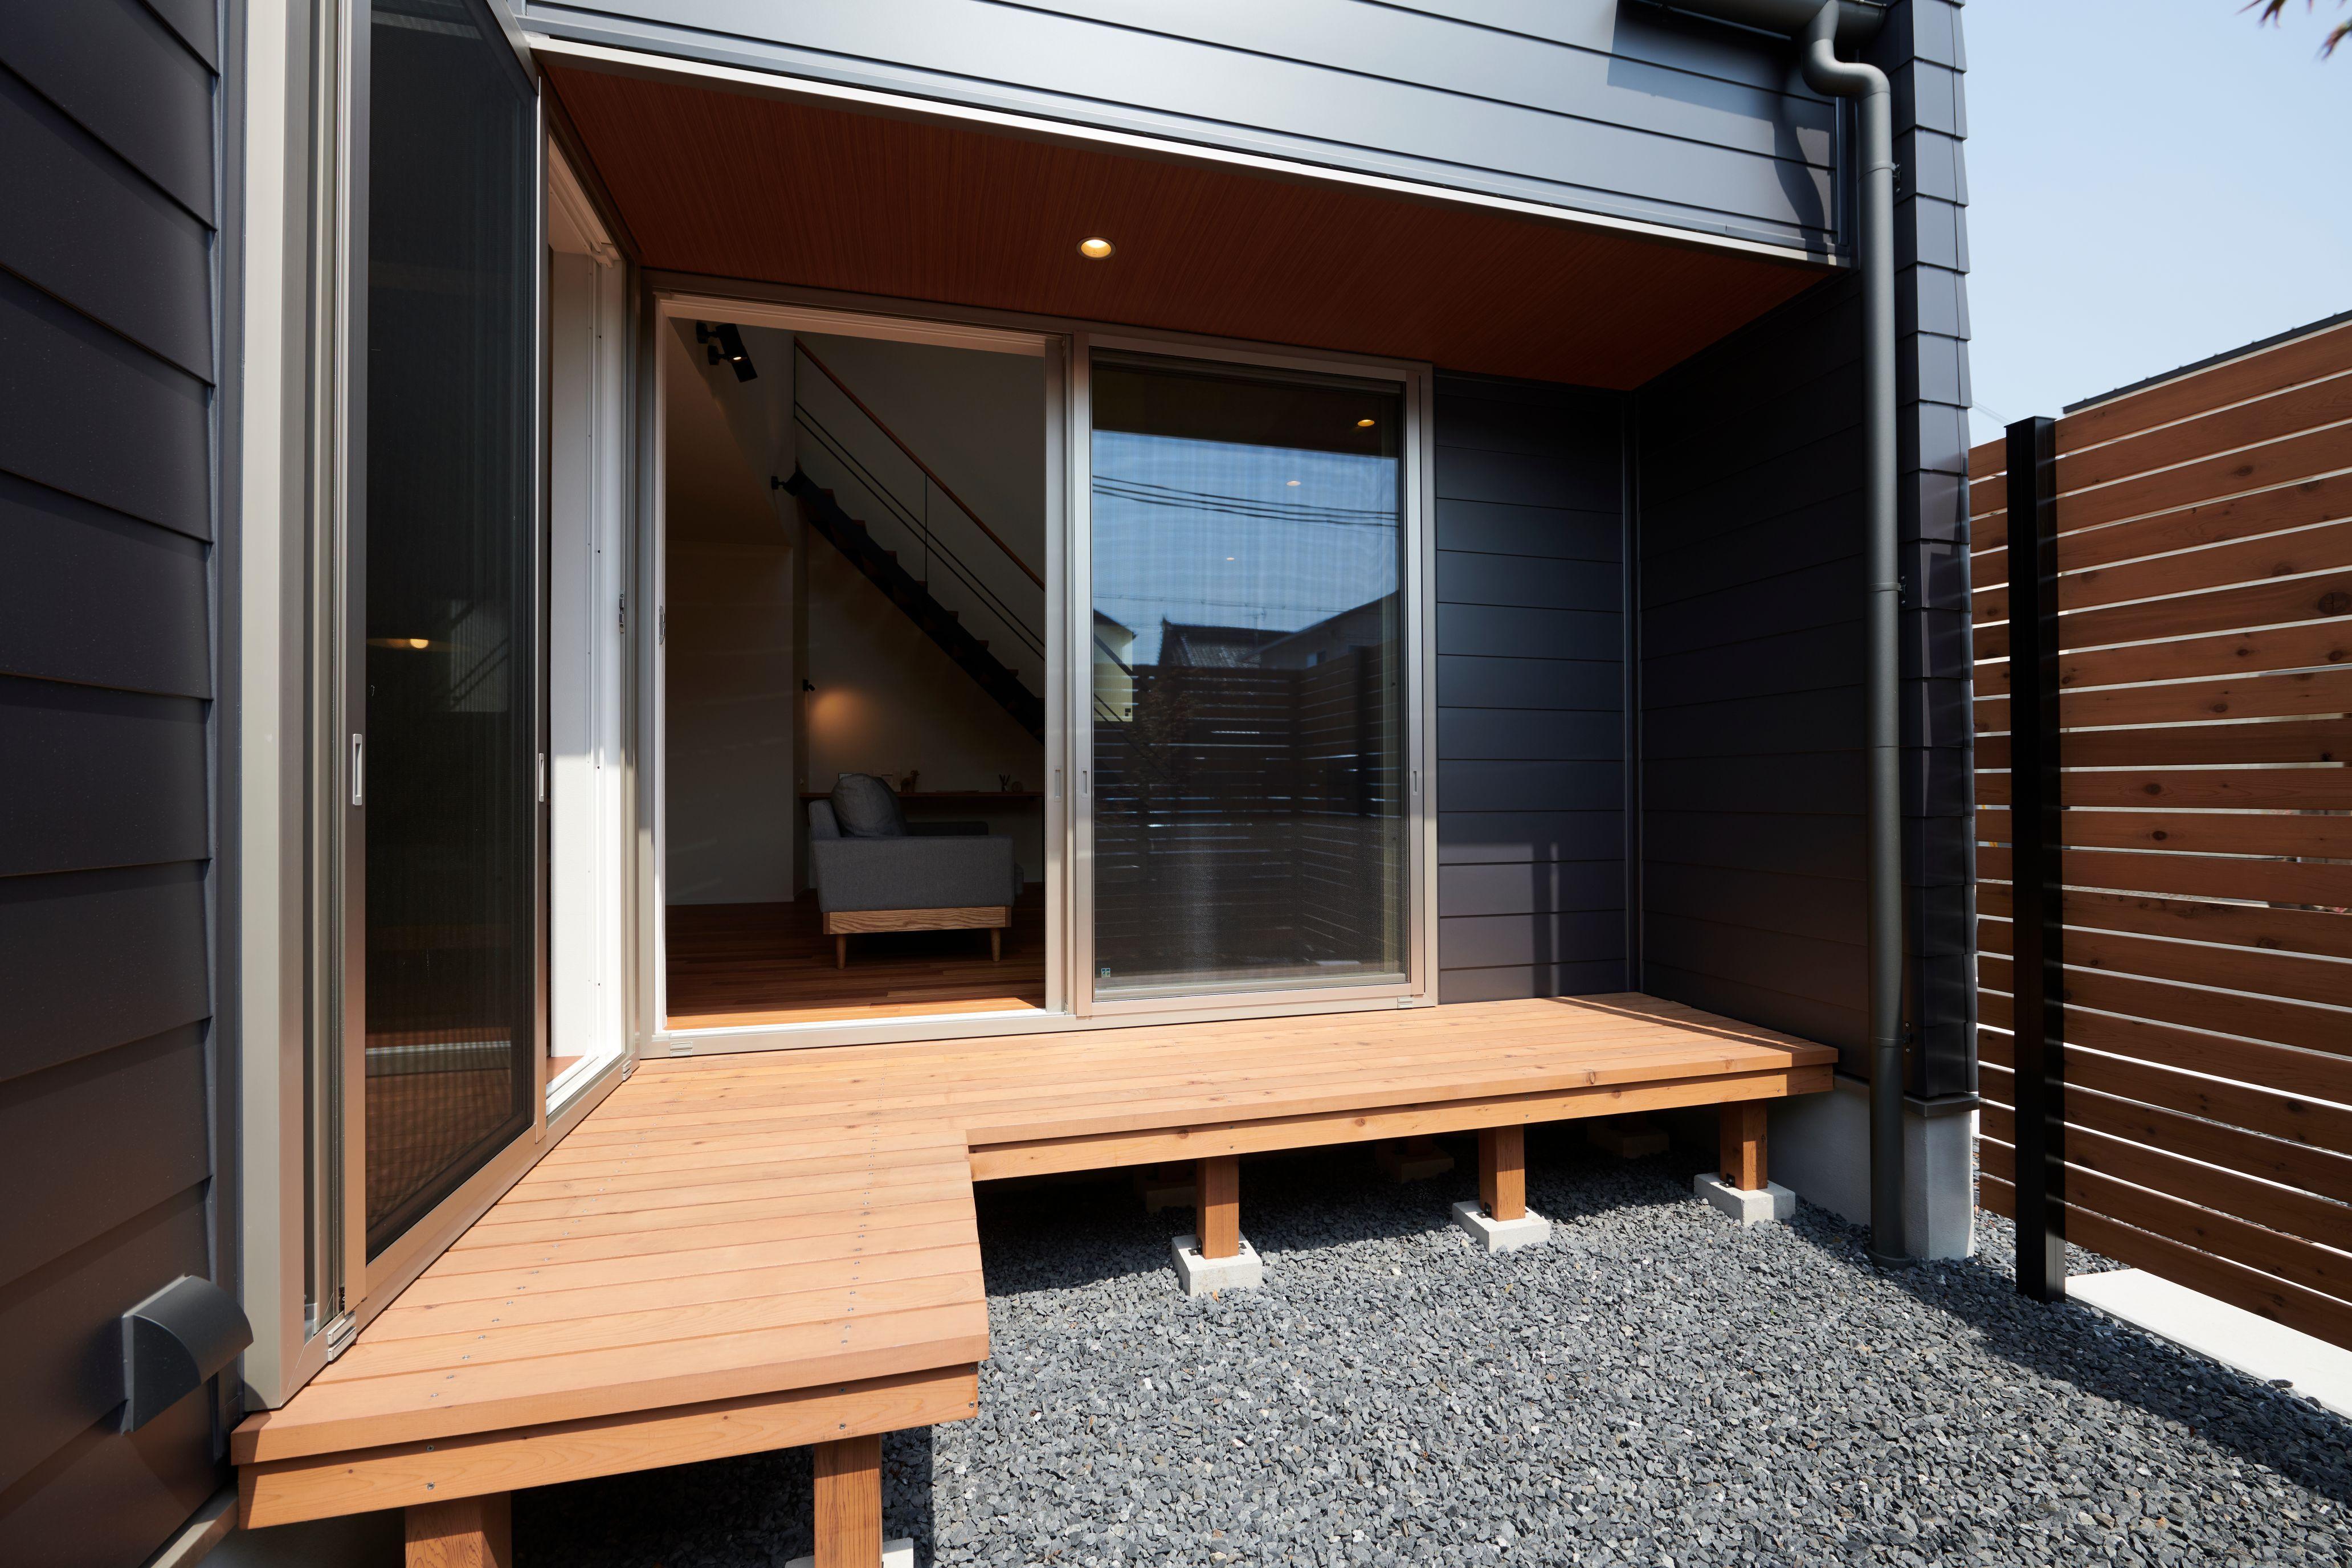 日当たり抜群のl字型ウッドデッキ ルポハウス 設計事務所 工務店